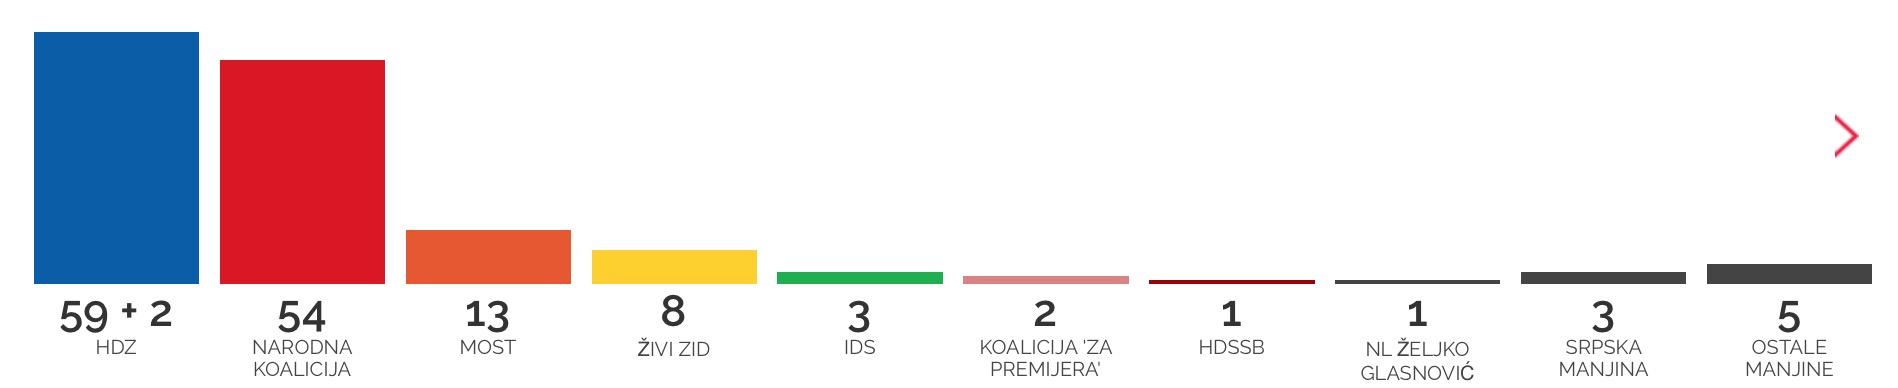 Das endgültige Ergebnis der kroatischen Parlamentswahl steht fest